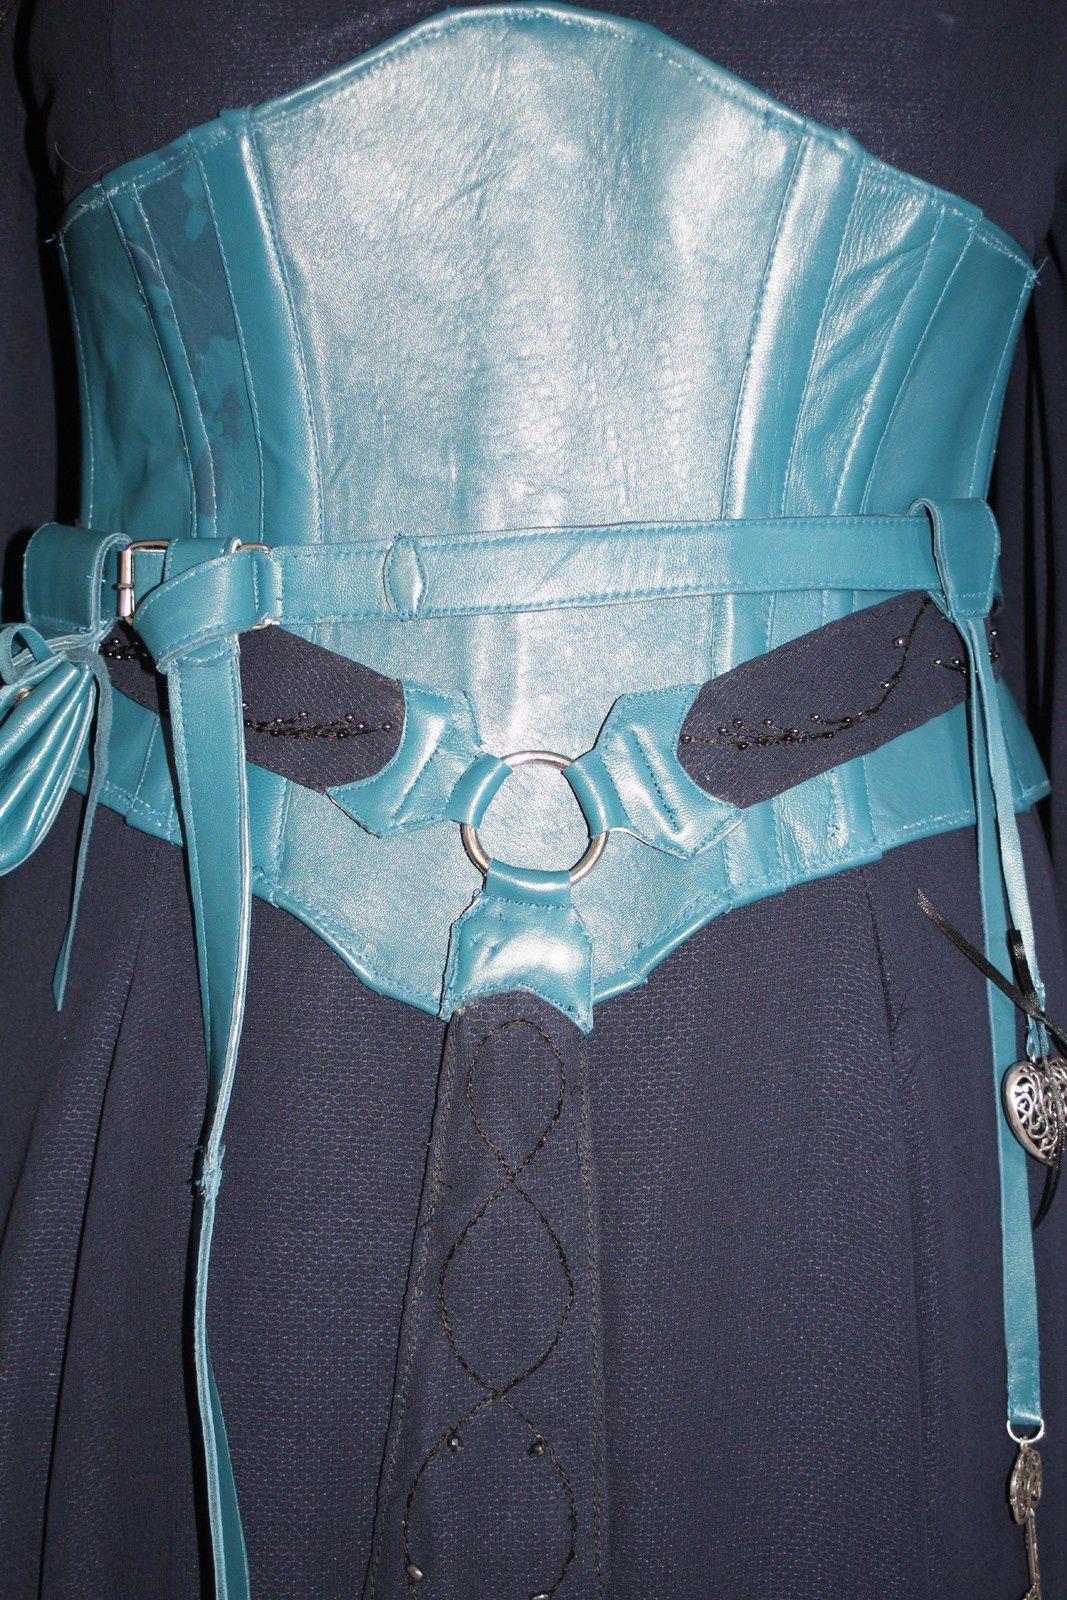 Trolls et légendes 2015: La ceinture et ses accessoires / The belt and accessories